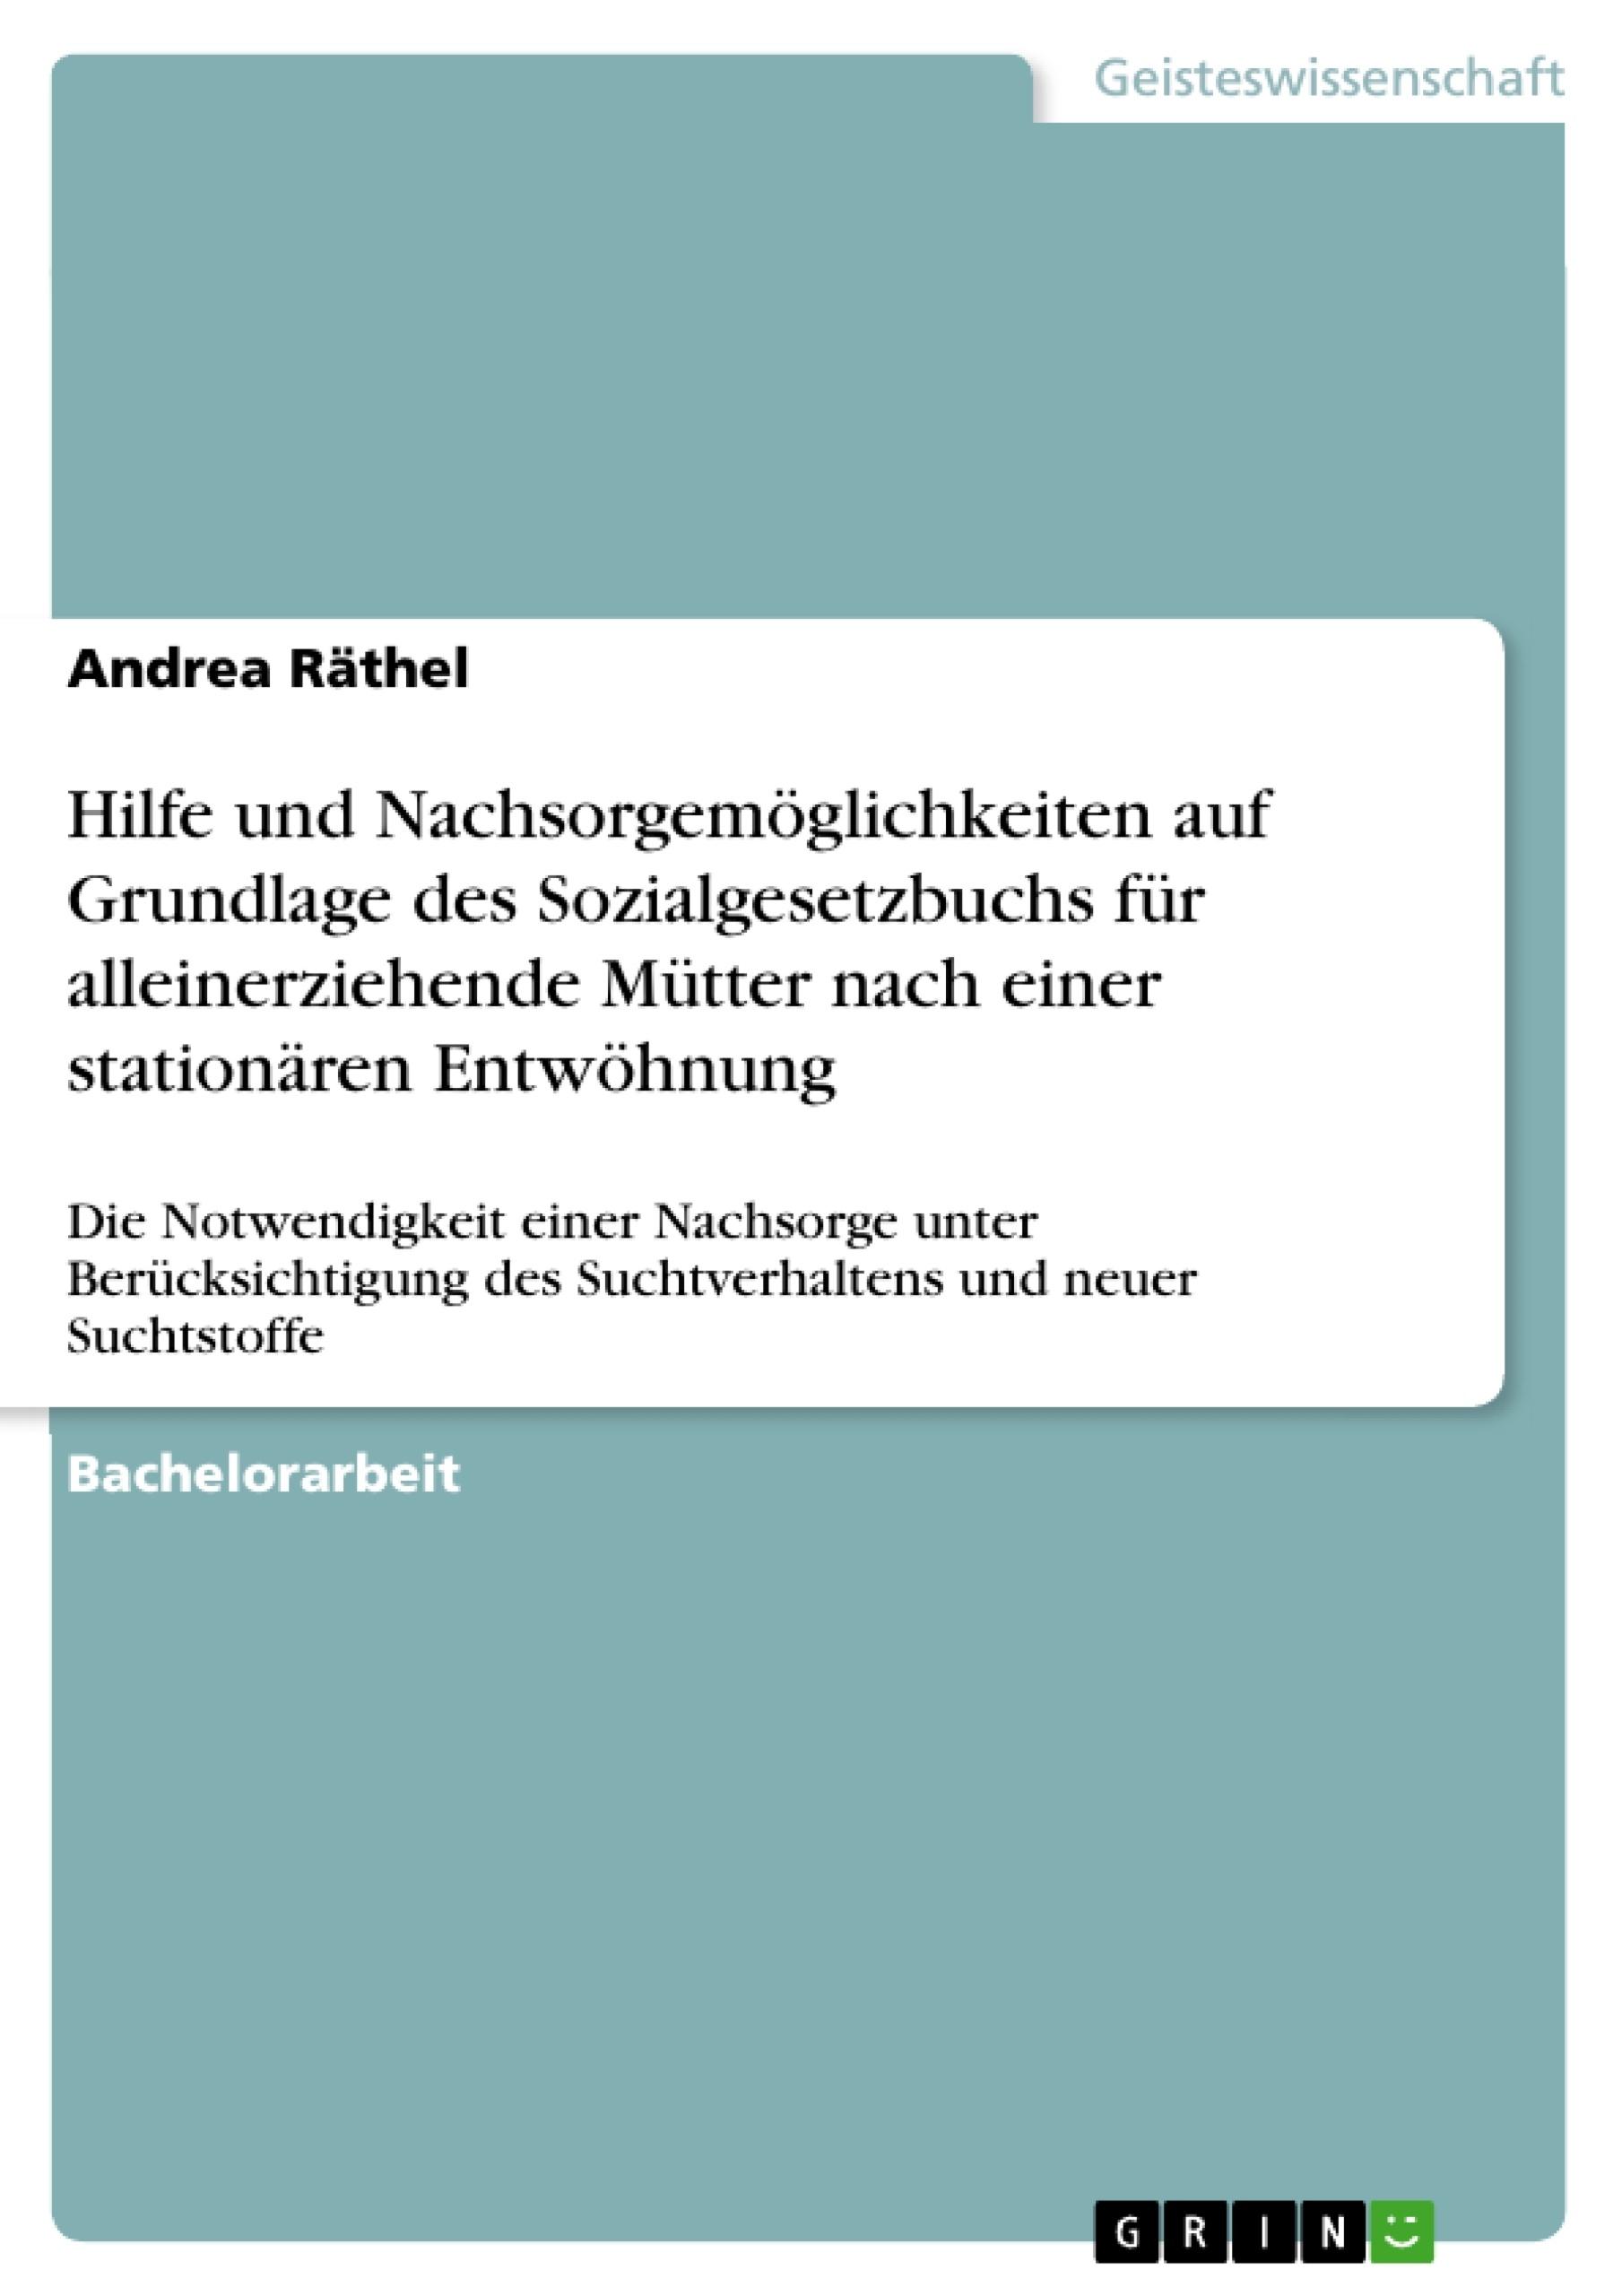 Titel: Hilfe und Nachsorgemöglichkeiten auf Grundlage des Sozialgesetzbuchs für alleinerziehende Mütter nach einer stationären Entwöhnung